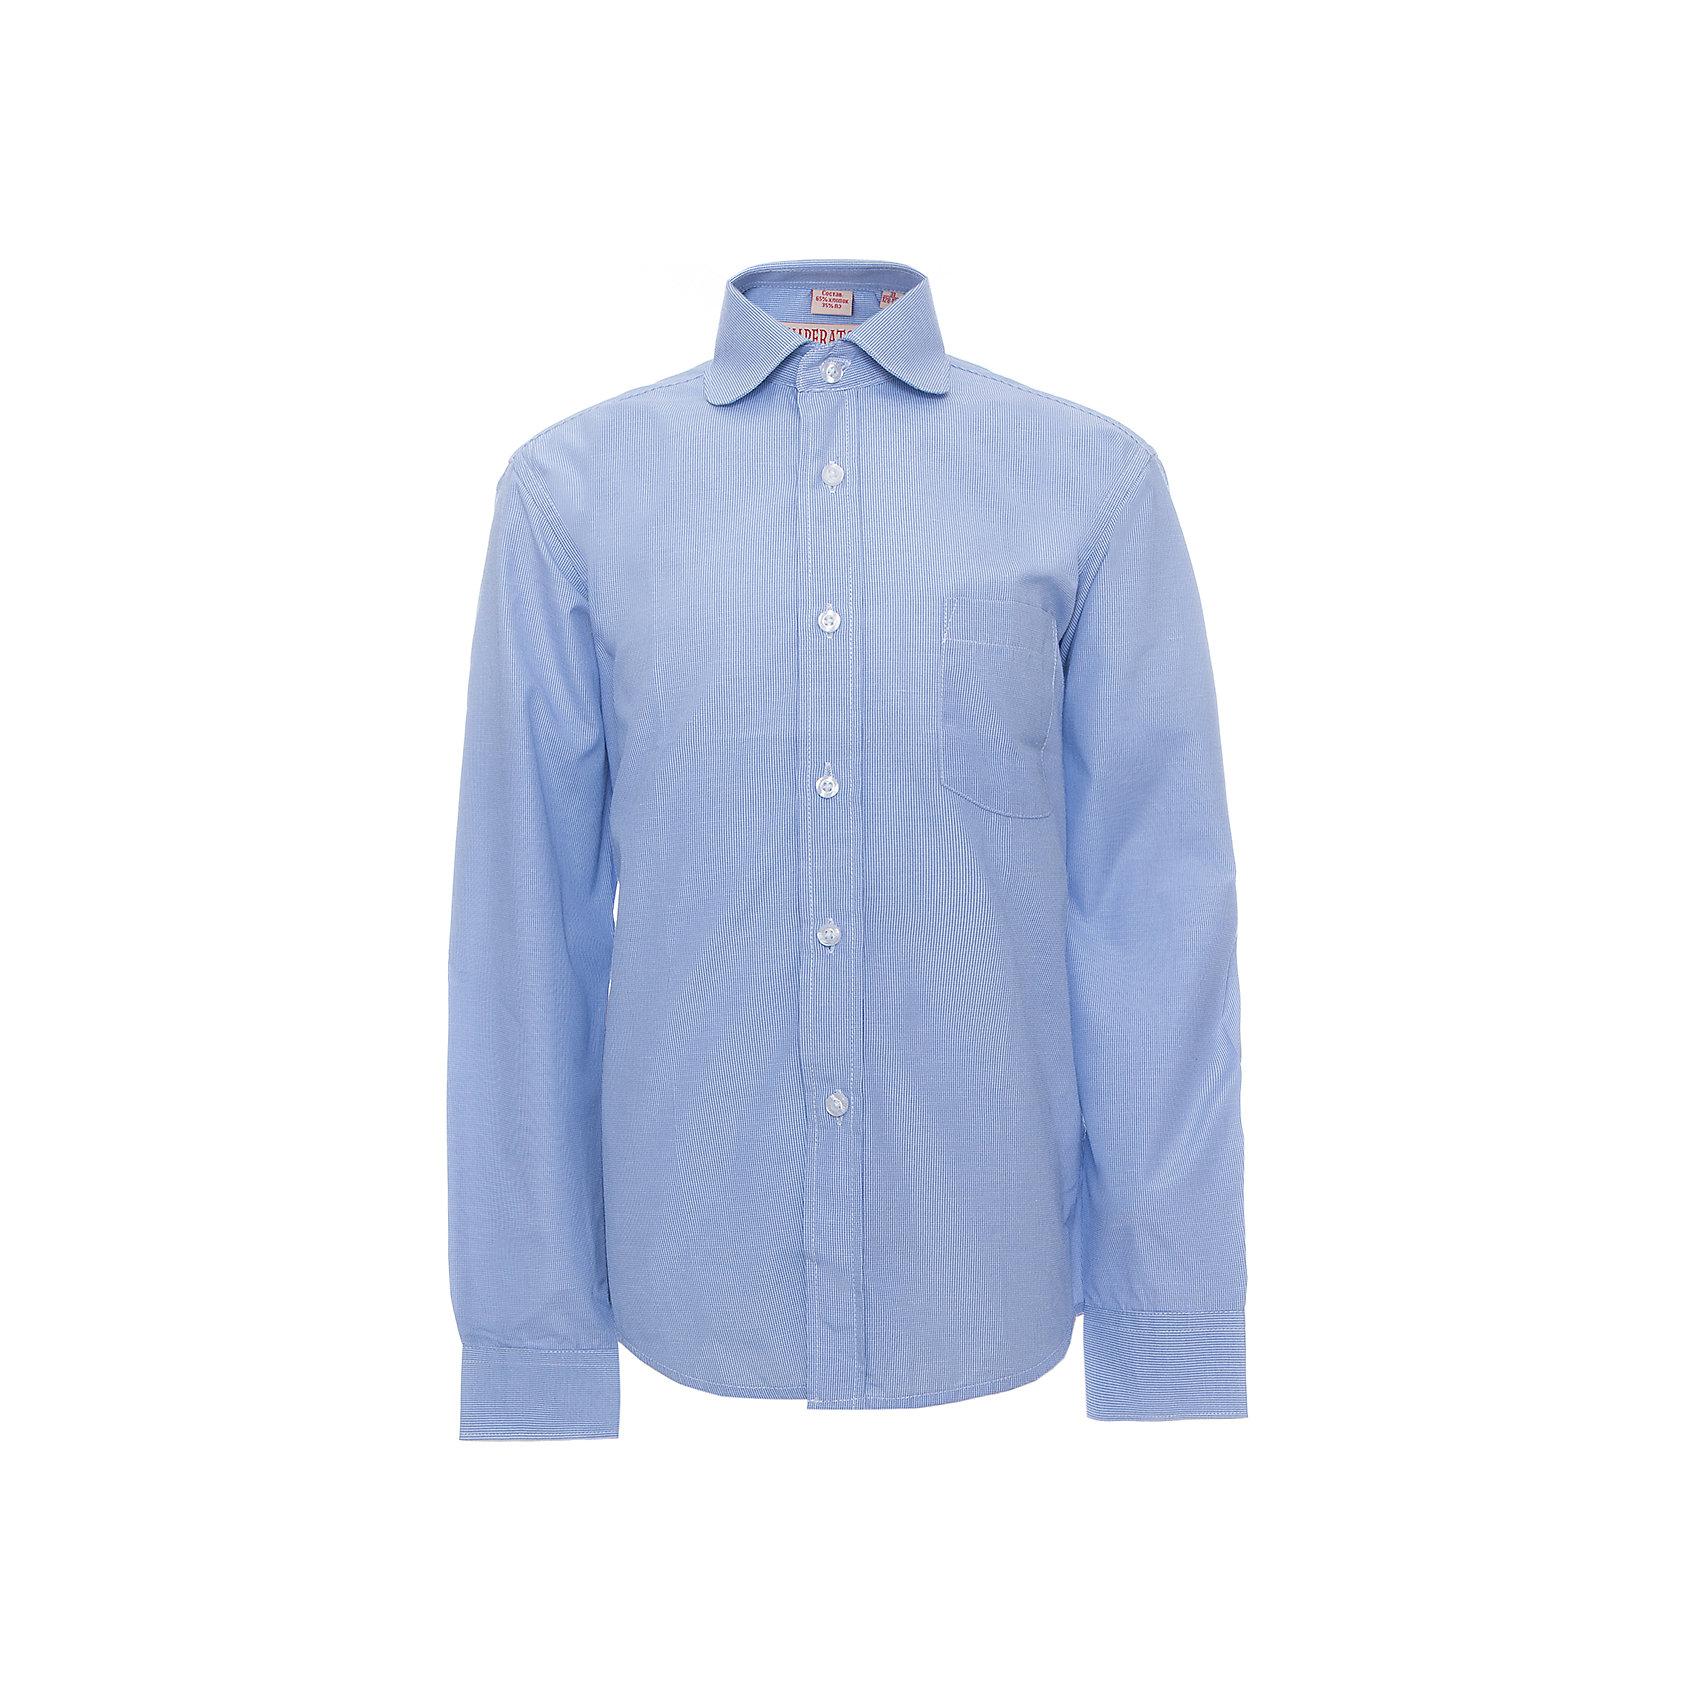 Рубашка для мальчика ImperatorБлузки и рубашки<br>Рубашка для мальчика от российской марки Imperator <br><br>Стильная голубая рубашка отлично подойдет и для школьных будней и для праздничных мероприятий. Модель хорошо сидит, не стесняет движения. Материал - гипоаллергенный, дышащий и приятный на ощупь.<br><br>Особенности модели:<br><br>- материал - тонкий, с содержанием хлопка;<br>- цвет - голубой;<br>- карман на груди;<br>- длинный рукав;<br>- застежки-пуговицы;<br>- отложной воротник и манжеты;<br>- пуговицы на манжетах.<br><br>Дополнительная информация:<br><br>Состав: 65% хлопок, 35% полиэстер<br><br>Габариты:<br><br>длина рукава - 57 см;<br>длина по спинке - 67 см.<br><br>* соответствует размеру 35/158-164<br><br>Уход за изделием:<br><br>стирка в машине при температуре до 40°С,<br>не отбеливать,<br>гладить на средней температуре.<br><br>Рубашку для мальчика от российской марки Imperator (Император) можно купить в нашем магазине.<br><br>Ширина мм: 174<br>Глубина мм: 10<br>Высота мм: 169<br>Вес г: 157<br>Цвет: лиловый<br>Возраст от месяцев: 144<br>Возраст до месяцев: 156<br>Пол: Мужской<br>Возраст: Детский<br>Размер: 152/158,140/146,158/164,128/134,122/128,146/152,164/170,134/140<br>SKU: 4295938